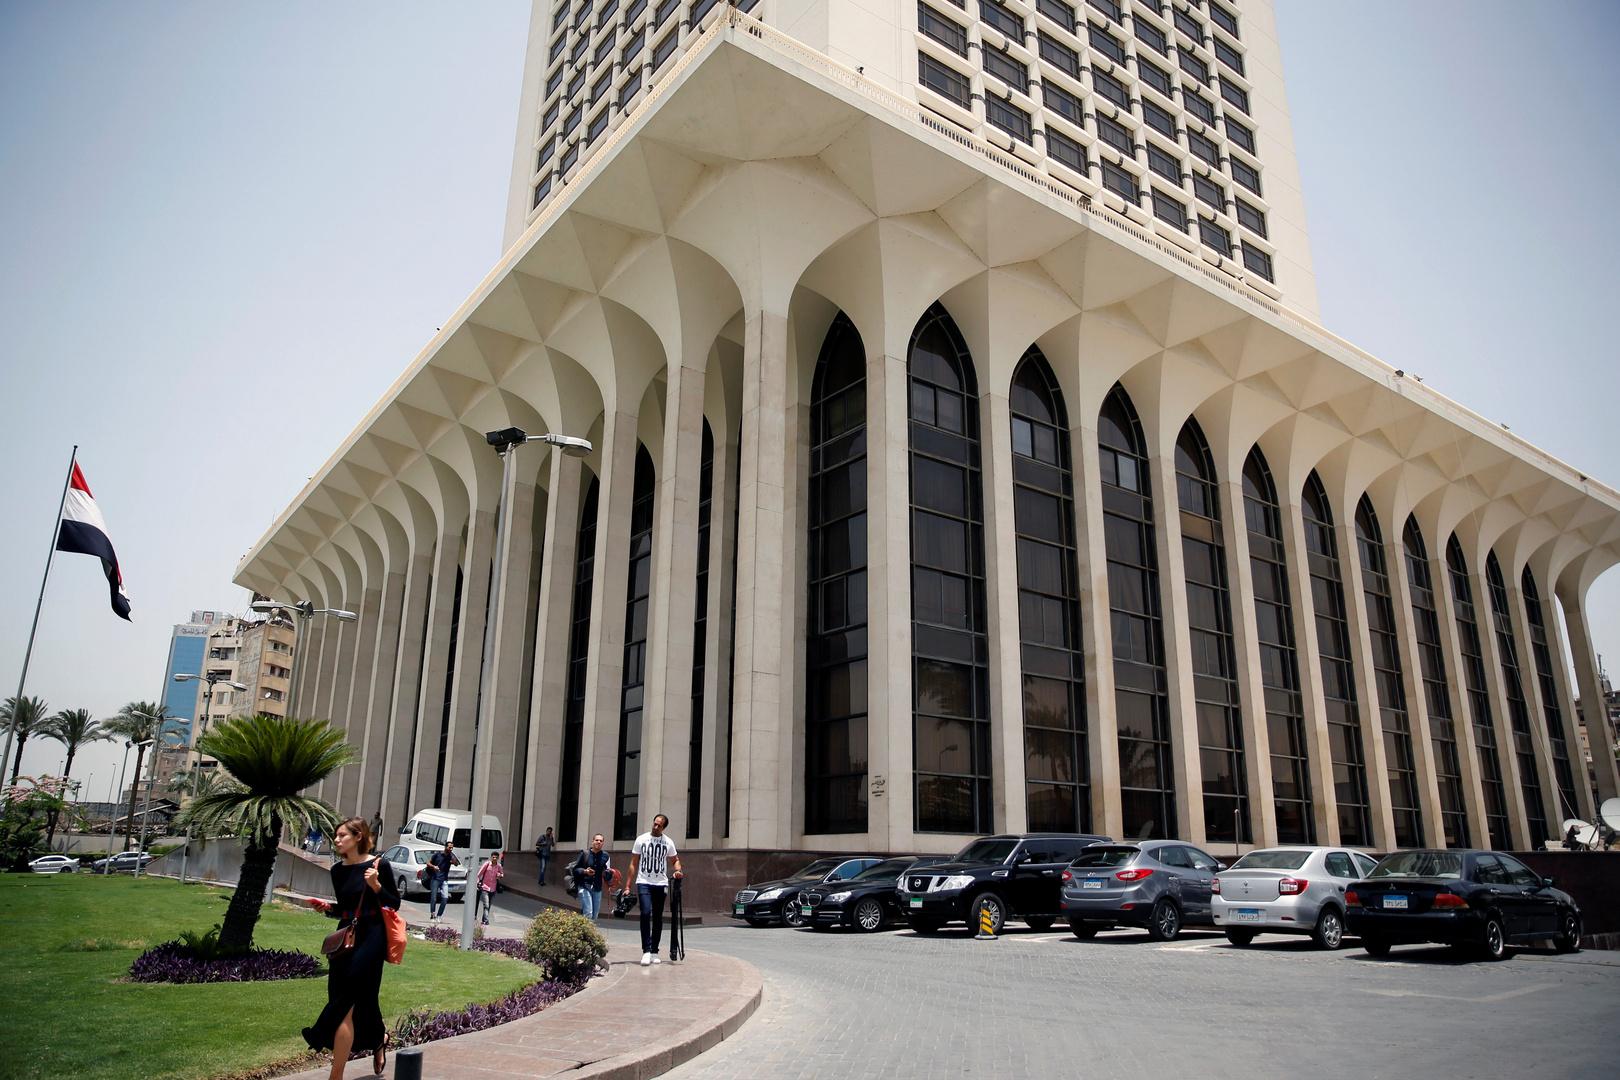 مصر ترحب بالمبادرة السعودية بشأن جنوب اليمن وتثمن دور الإمارات